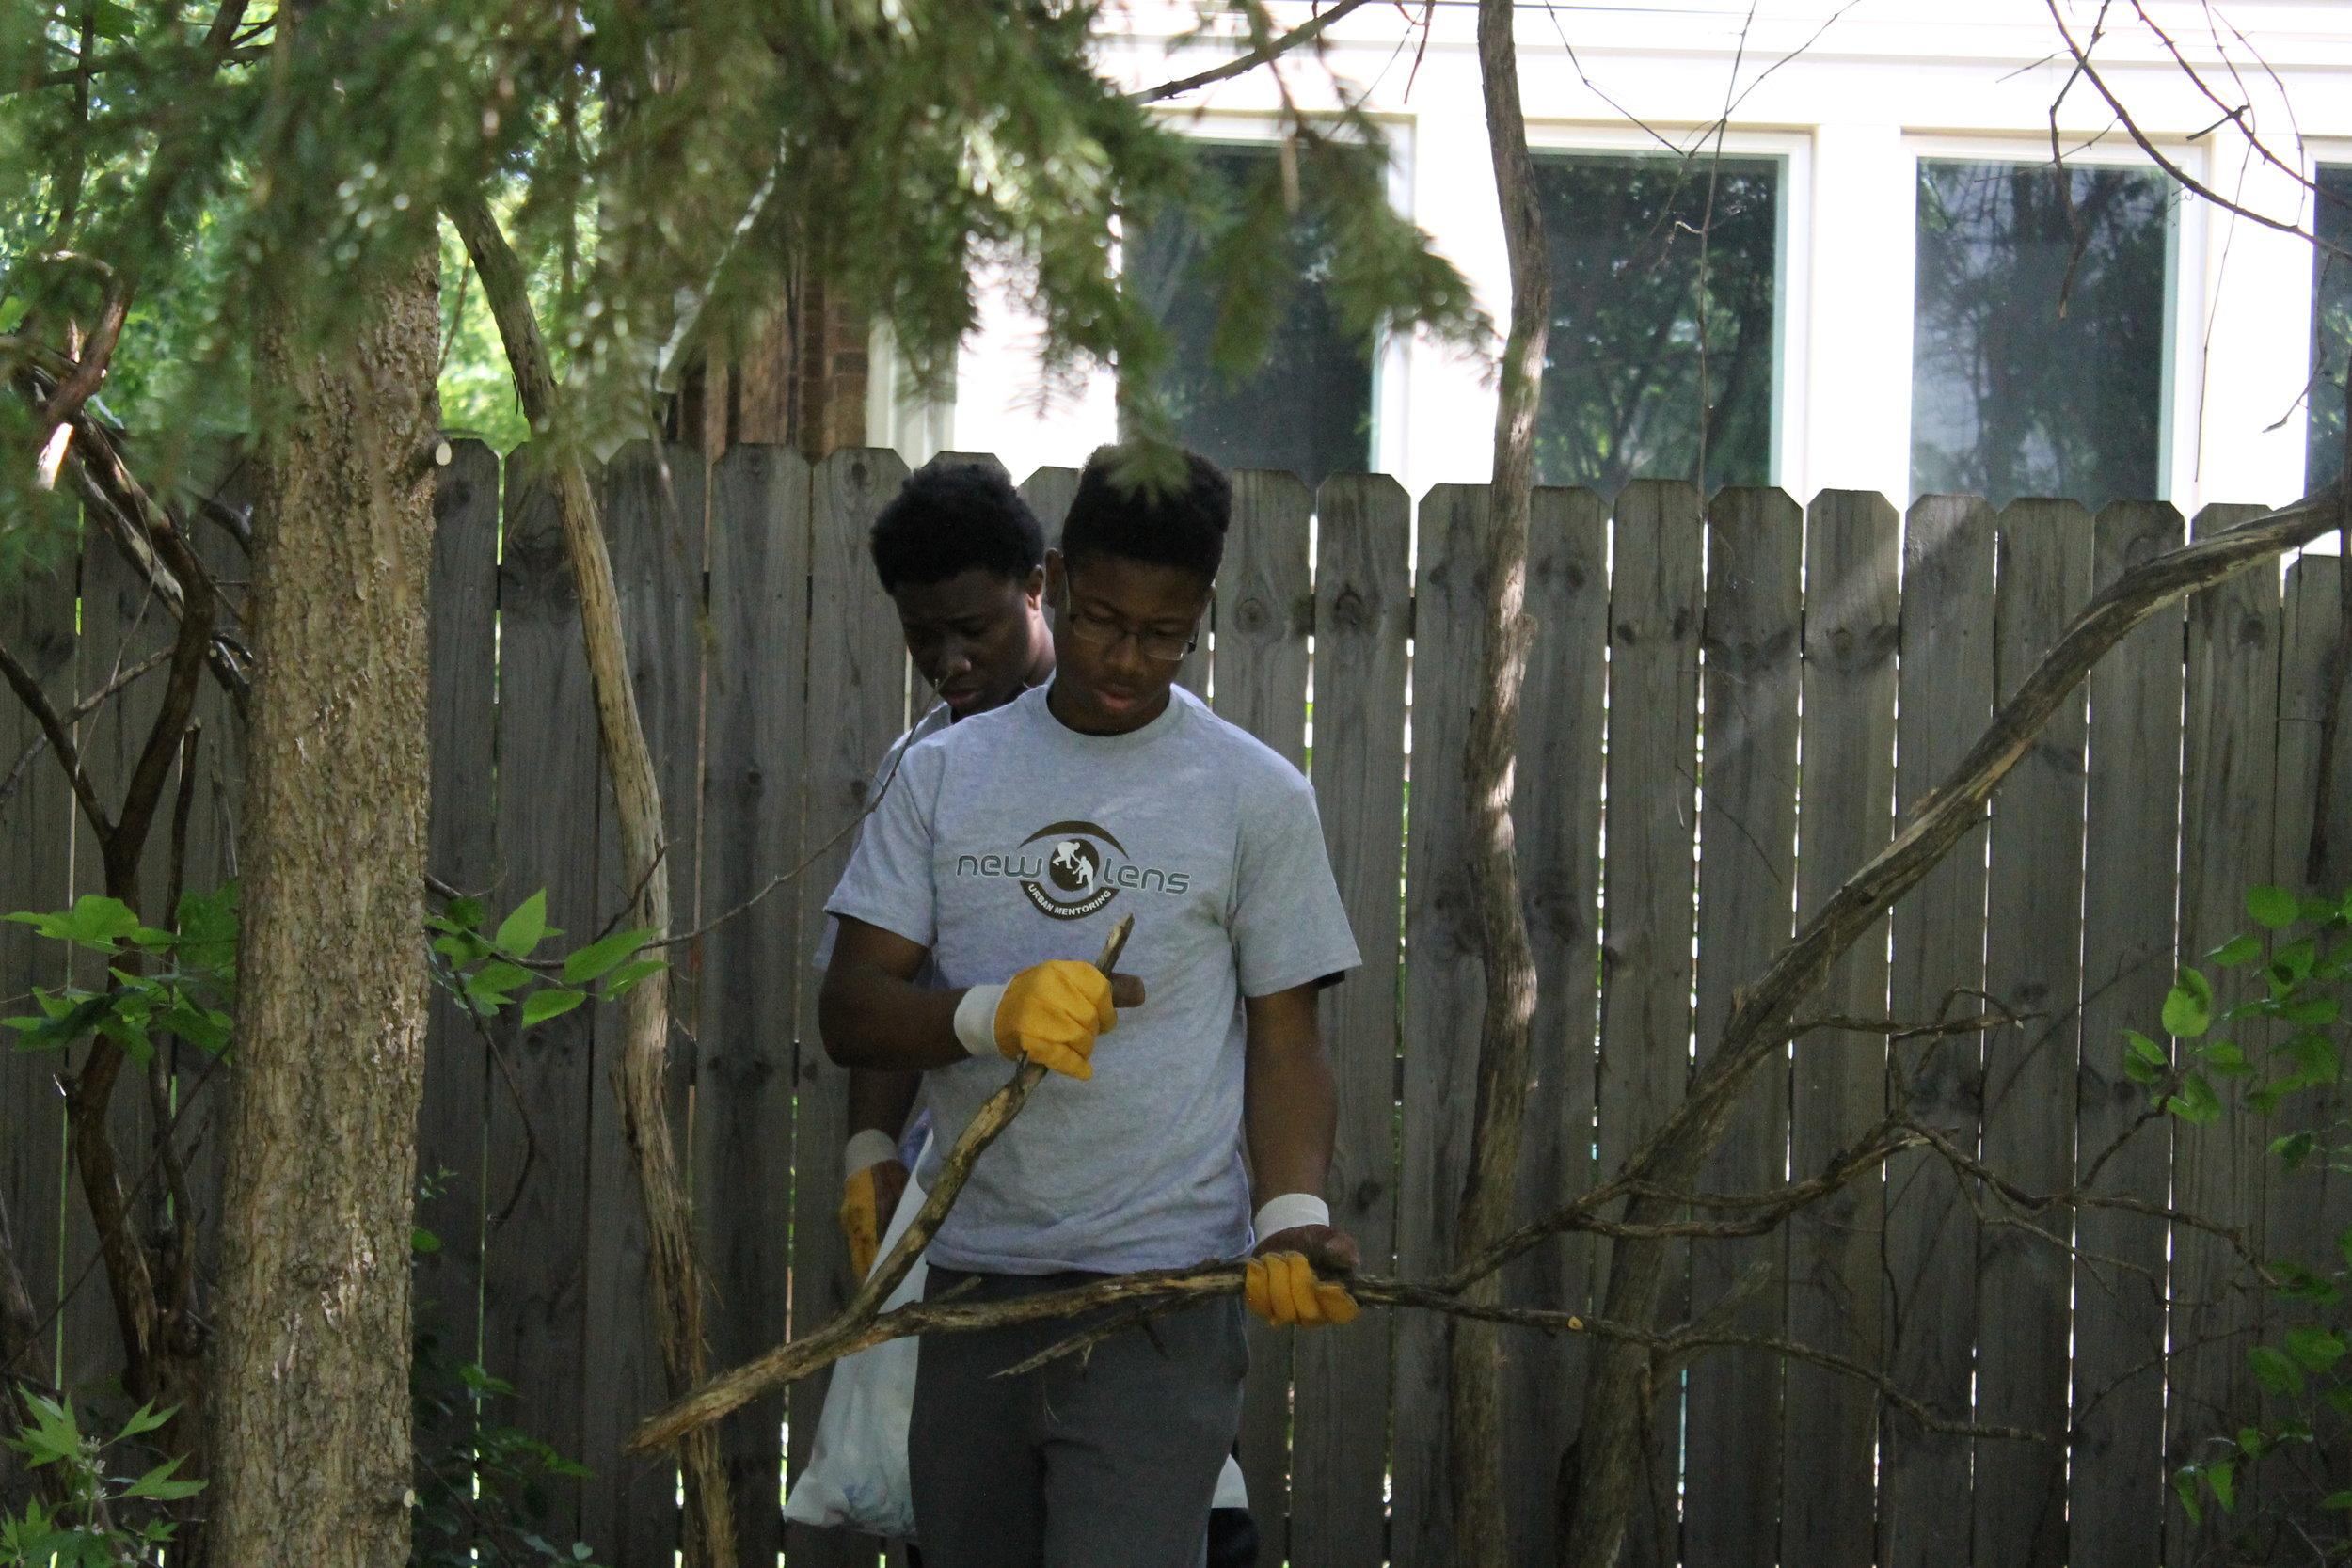 New Lens Urban Mentoring Society 18.JPG